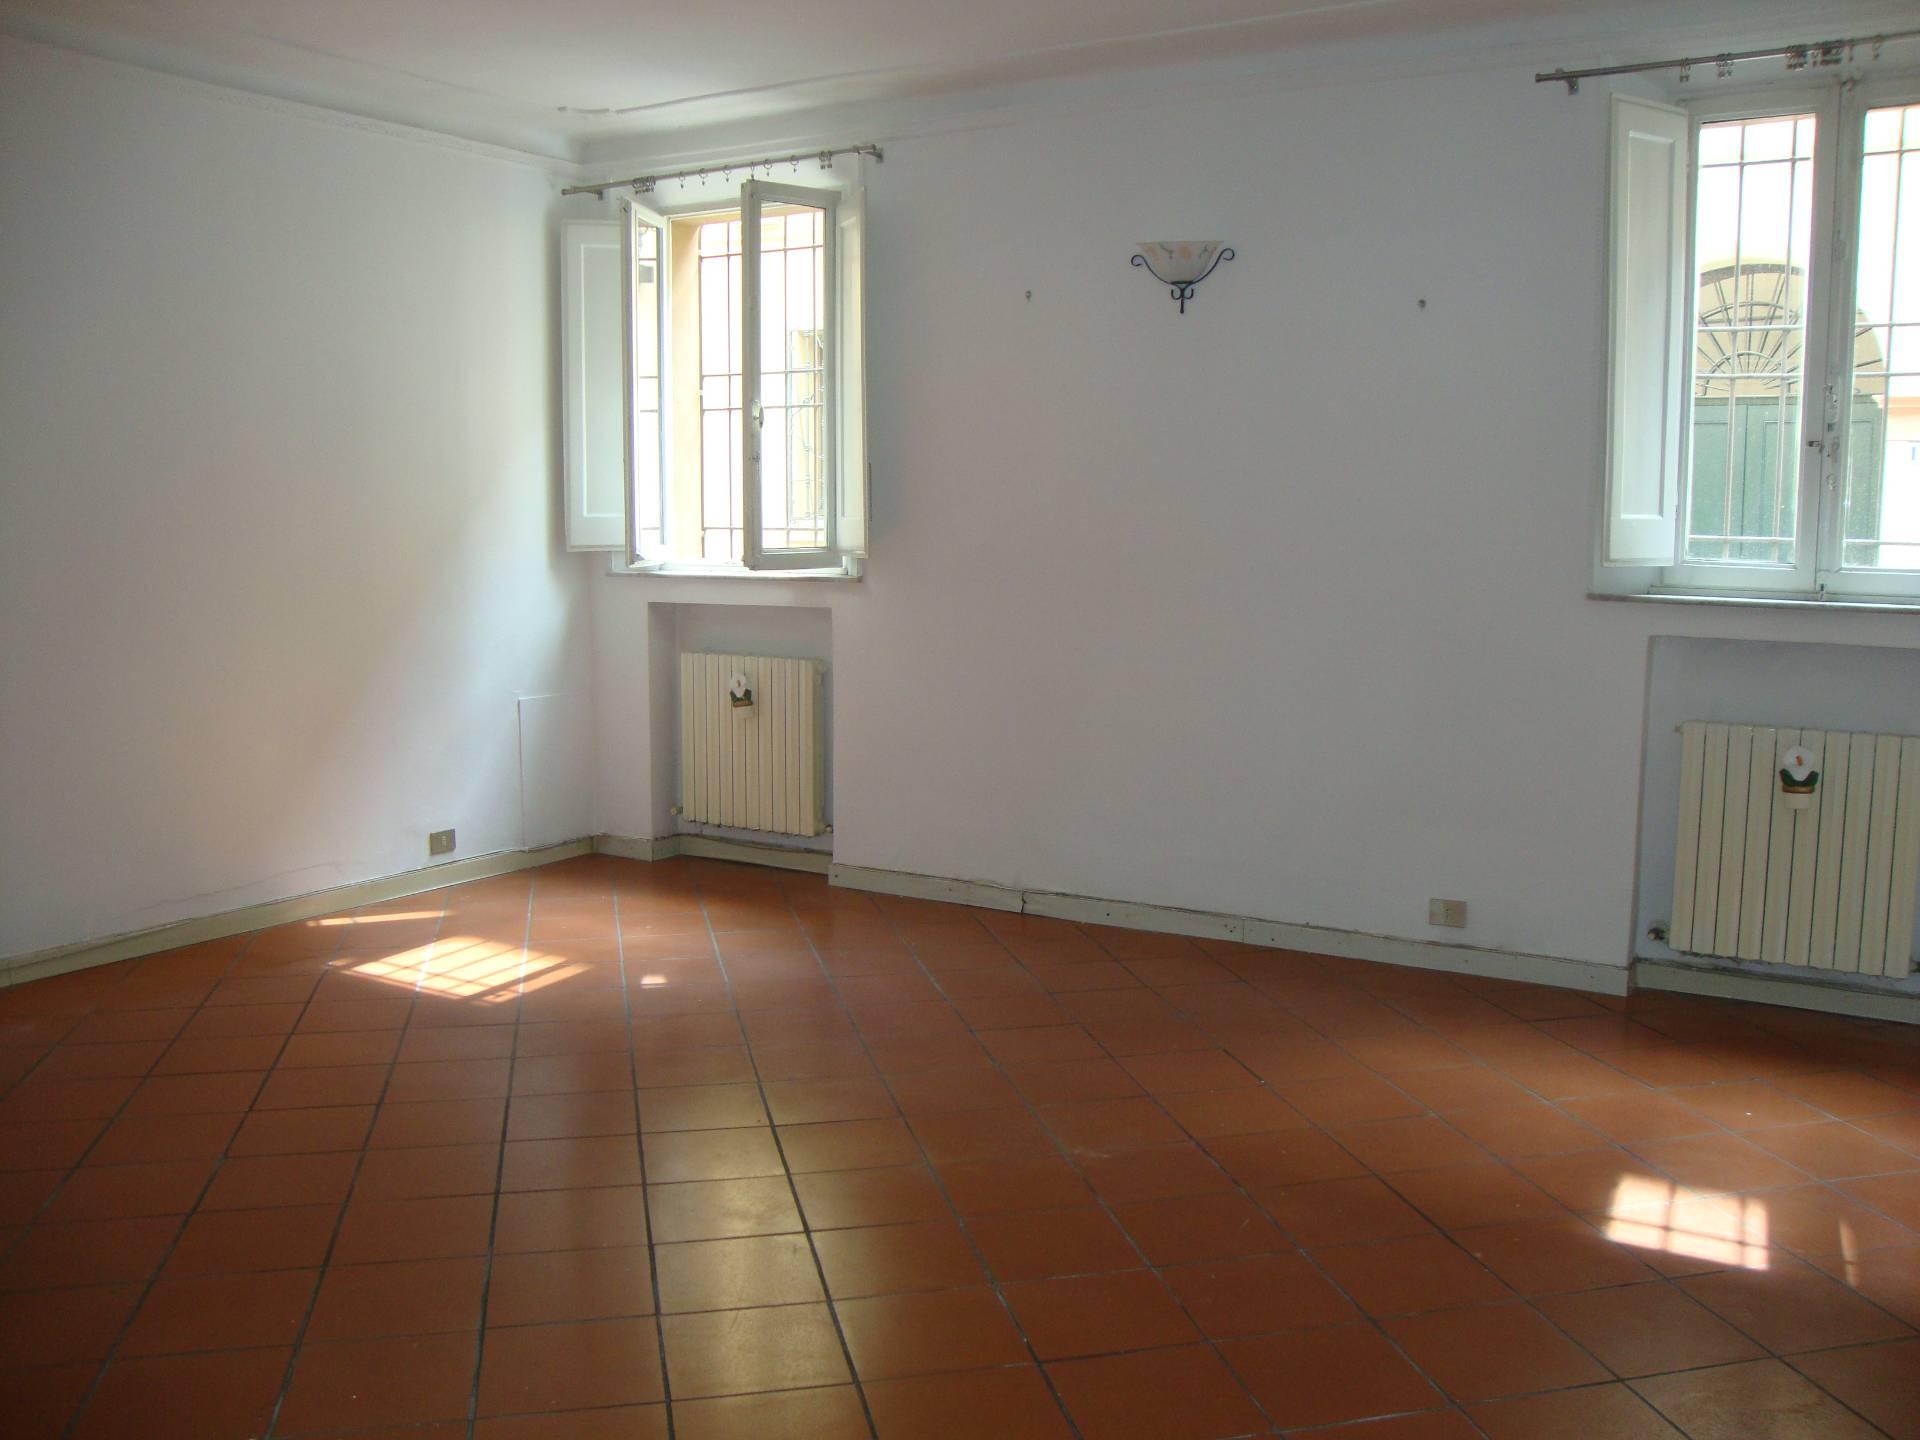 Appartamento in affitto a Ferrara, 3 locali, zona Località: Centrostorico, prezzo € 600 | CambioCasa.it